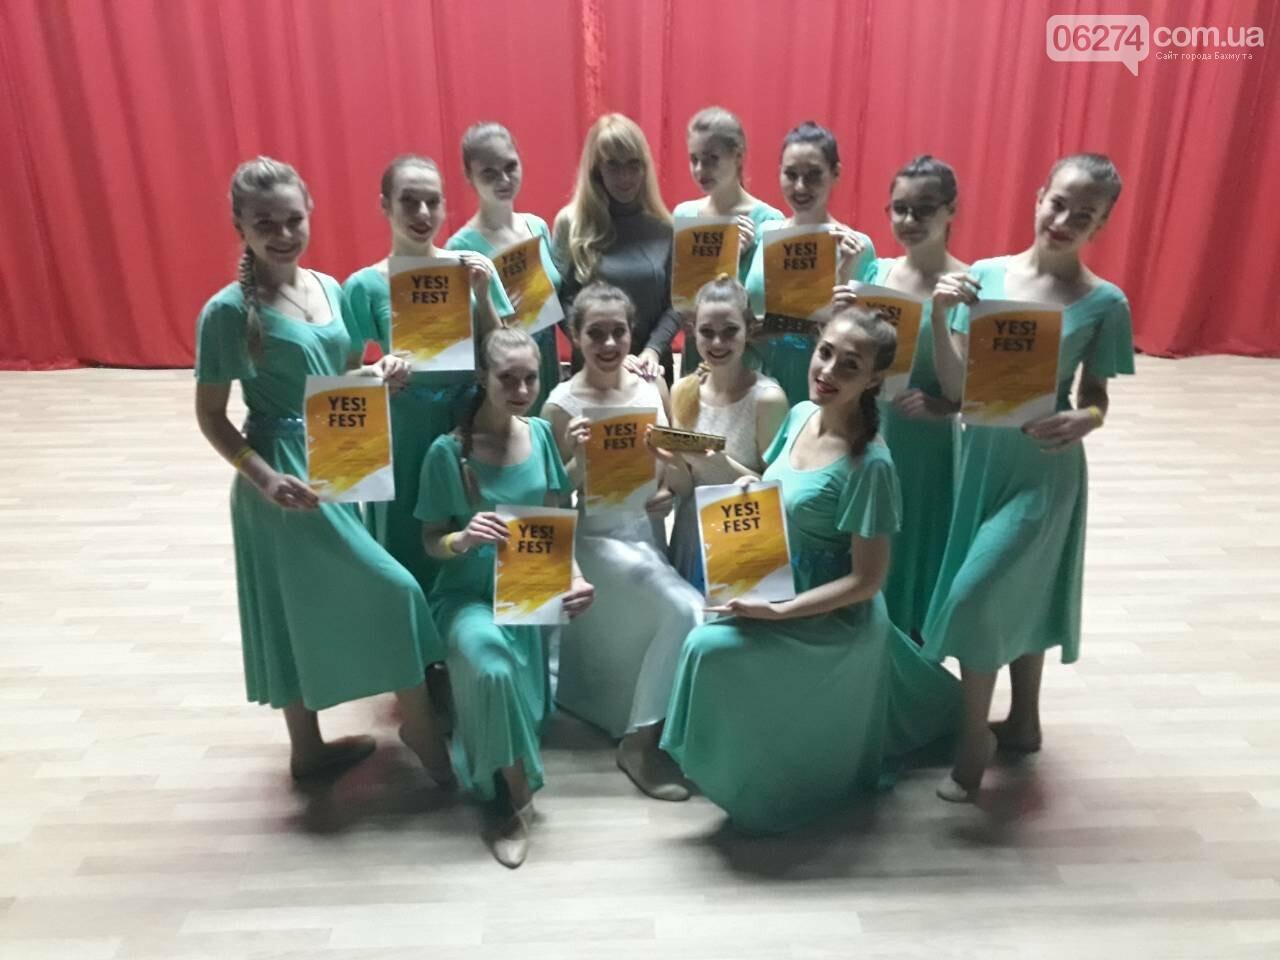 Бахмутский «Лицей» стал лучшим на областном фестивале танца, фото-1